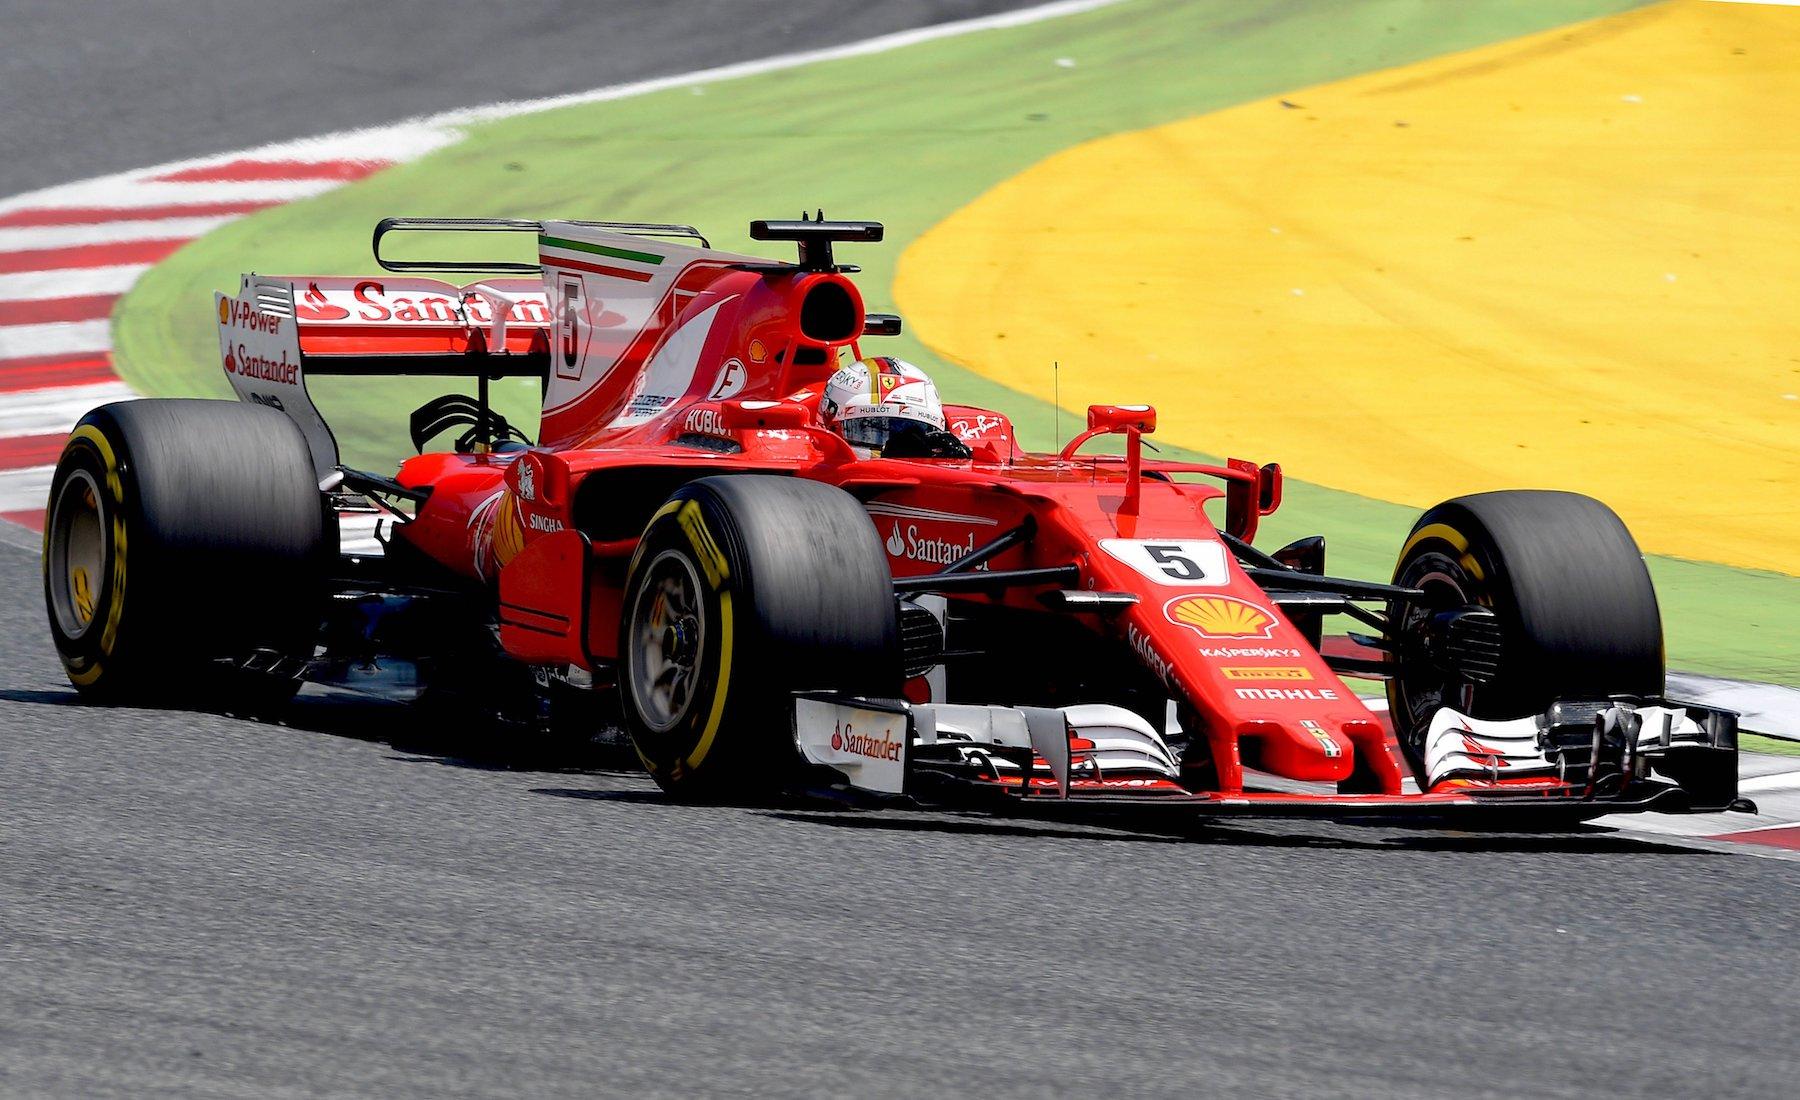 G 2017 Sebastian Vettel | Ferrari SF70H | 2017 Spanish GP P2 2 copy.jpg